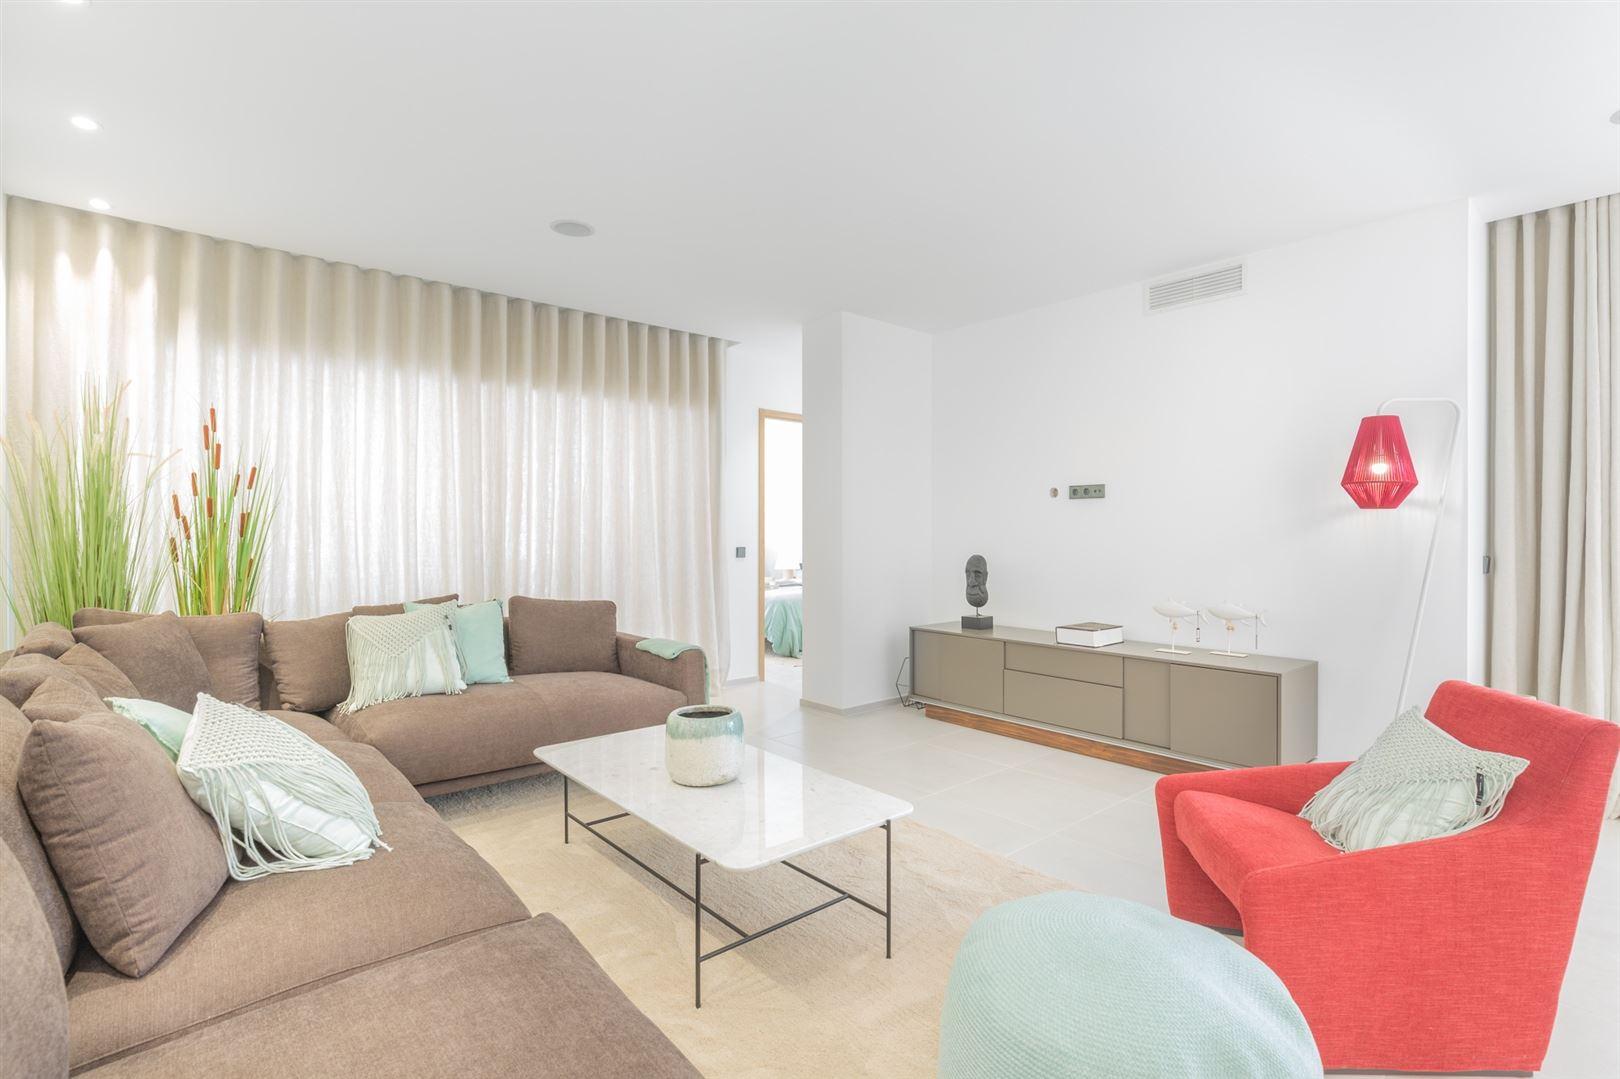 Foto 2 : Appartement te 38632 PALM MAR (Spanje) - Prijs € 450.000